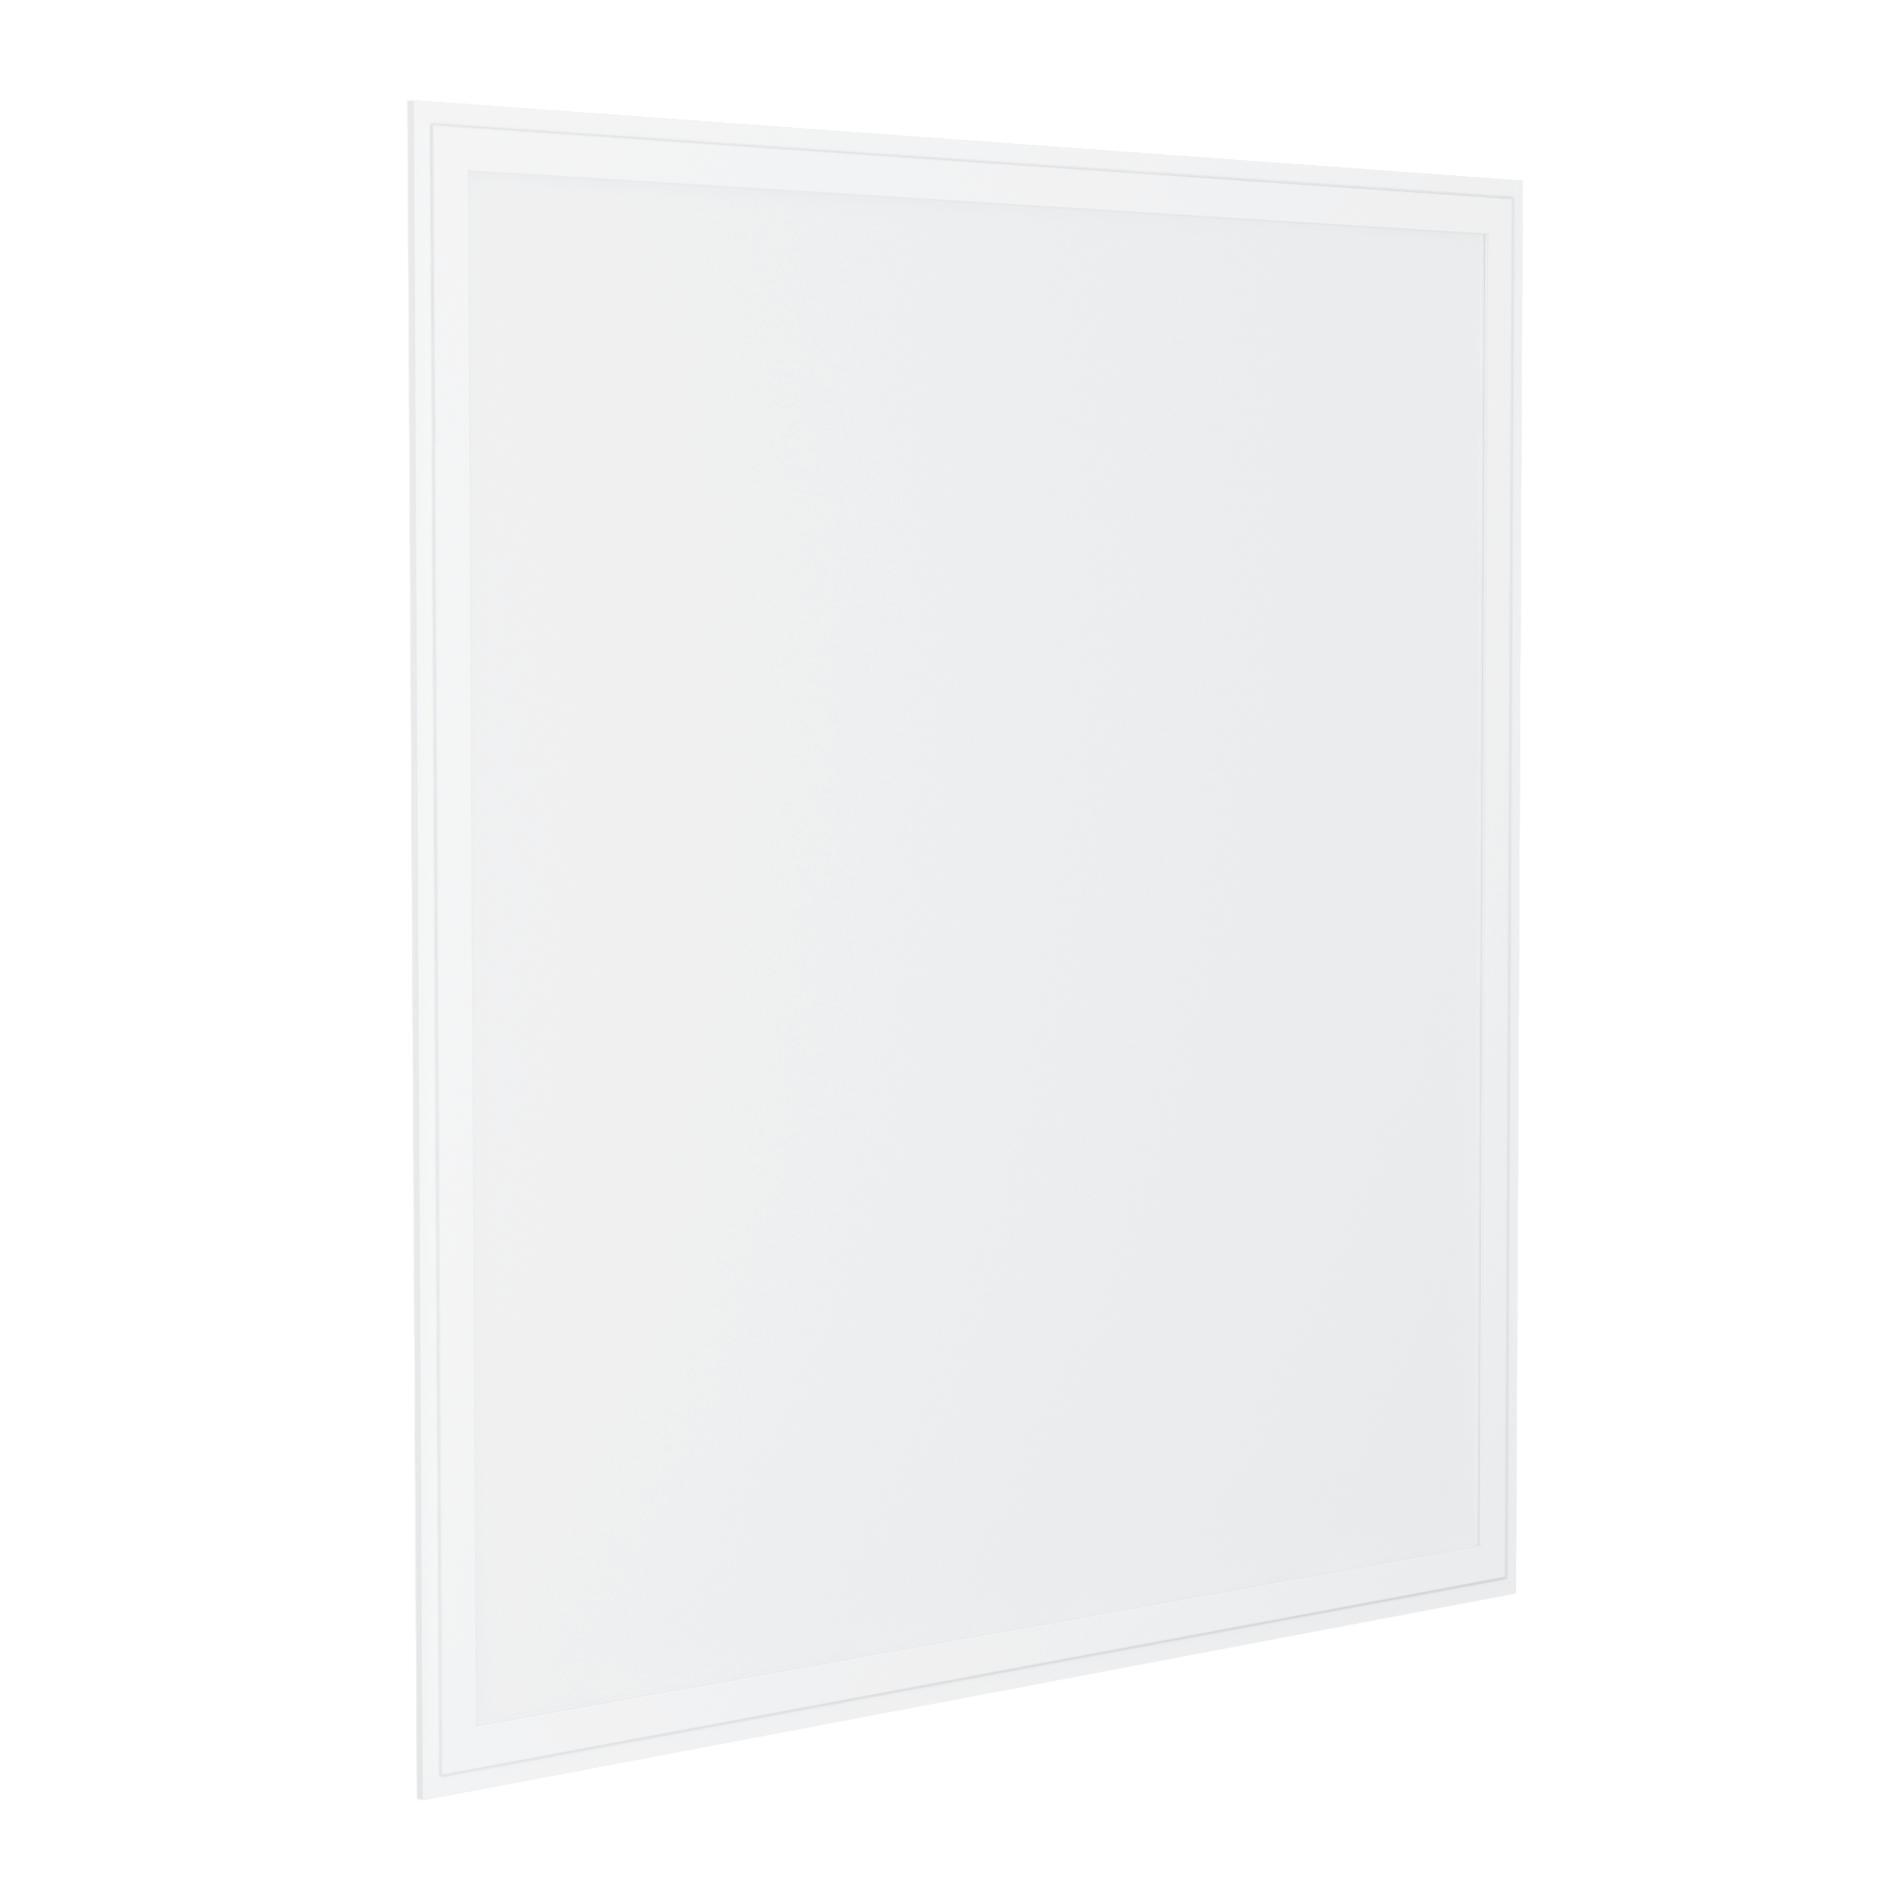 Pannello led PP 60x60 cm bianco naturale, 4350LM - 5